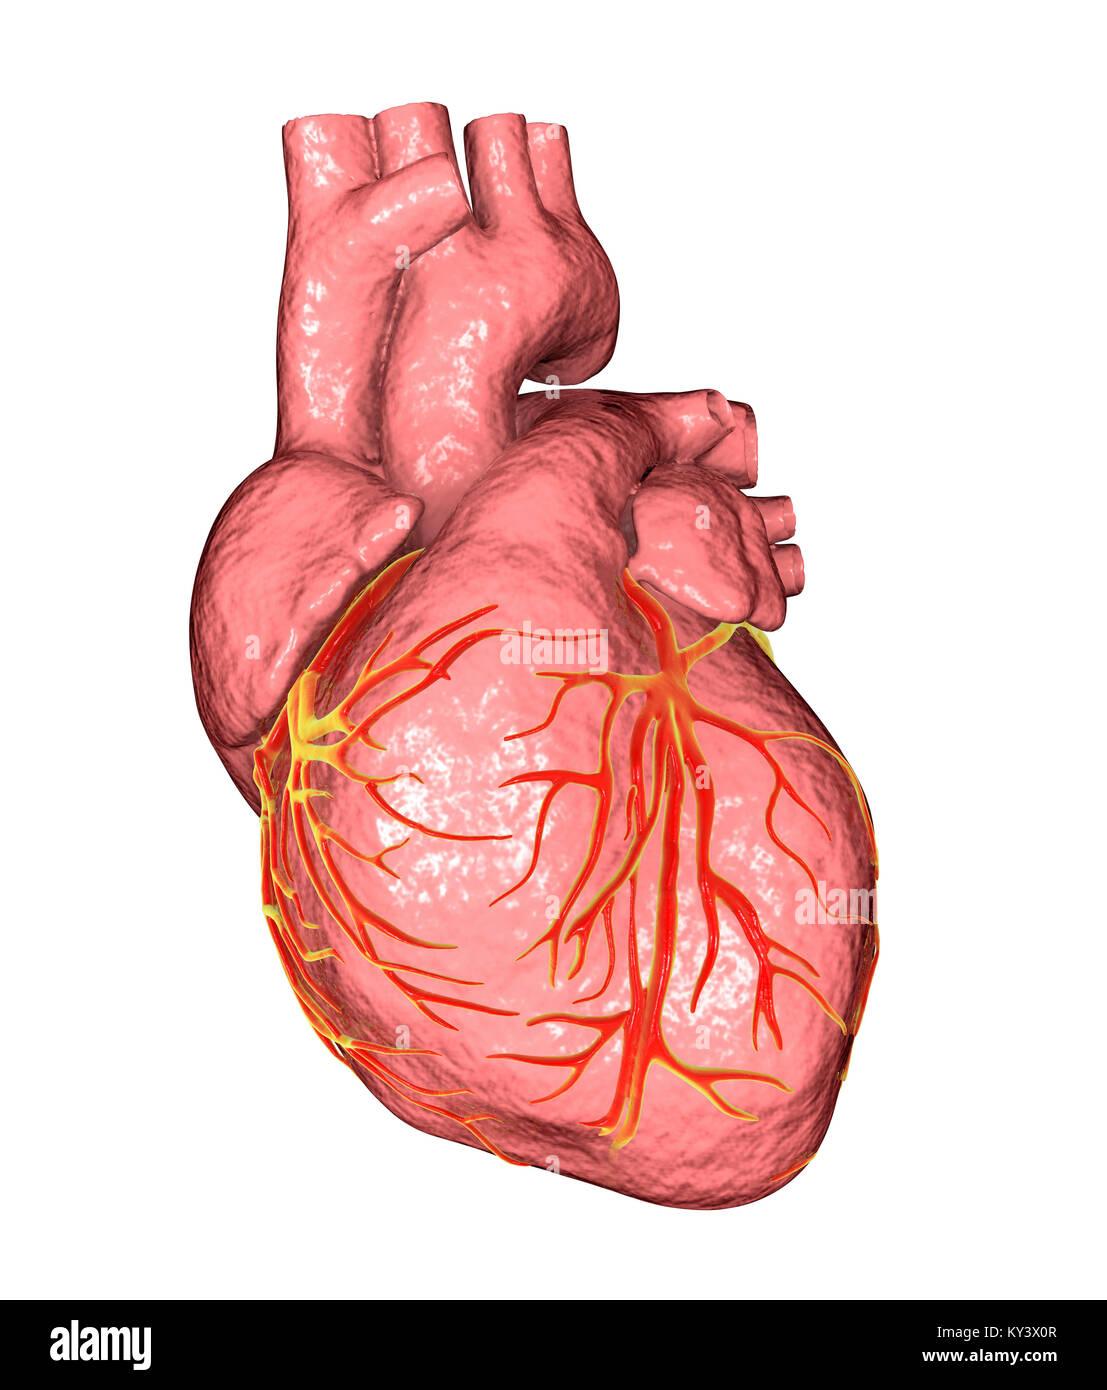 Groß Oberfläche Anatomie Des Herzens Galerie - Menschliche Anatomie ...